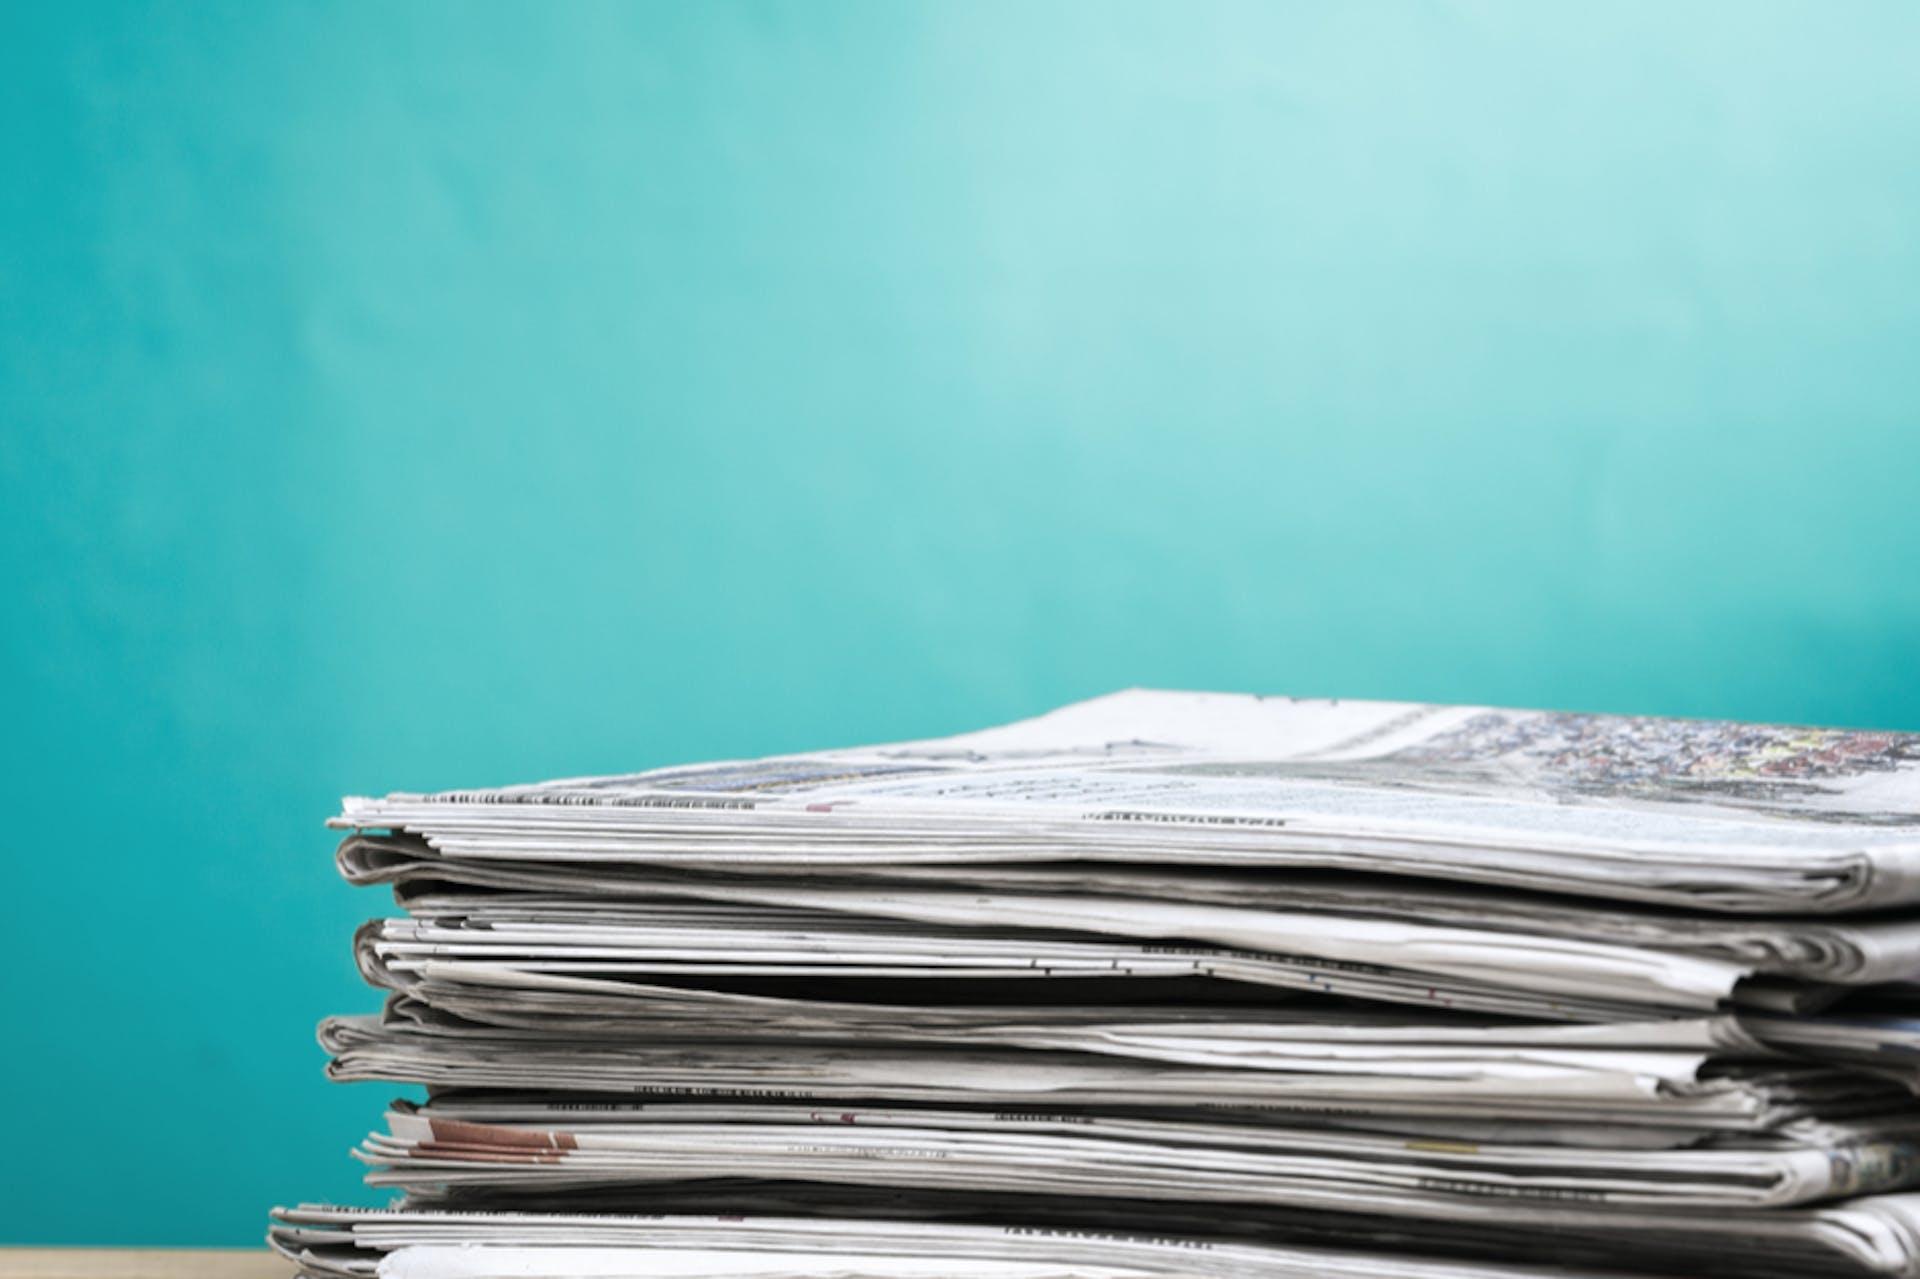 """Man sieht Zeitungen auf einem Stapel vor einem türkisen Hintergrund liegen. Das ist das Titelbild für unseren Beitrag: """"Eine erfolgreiche Pressemitteilung schreiben"""""""